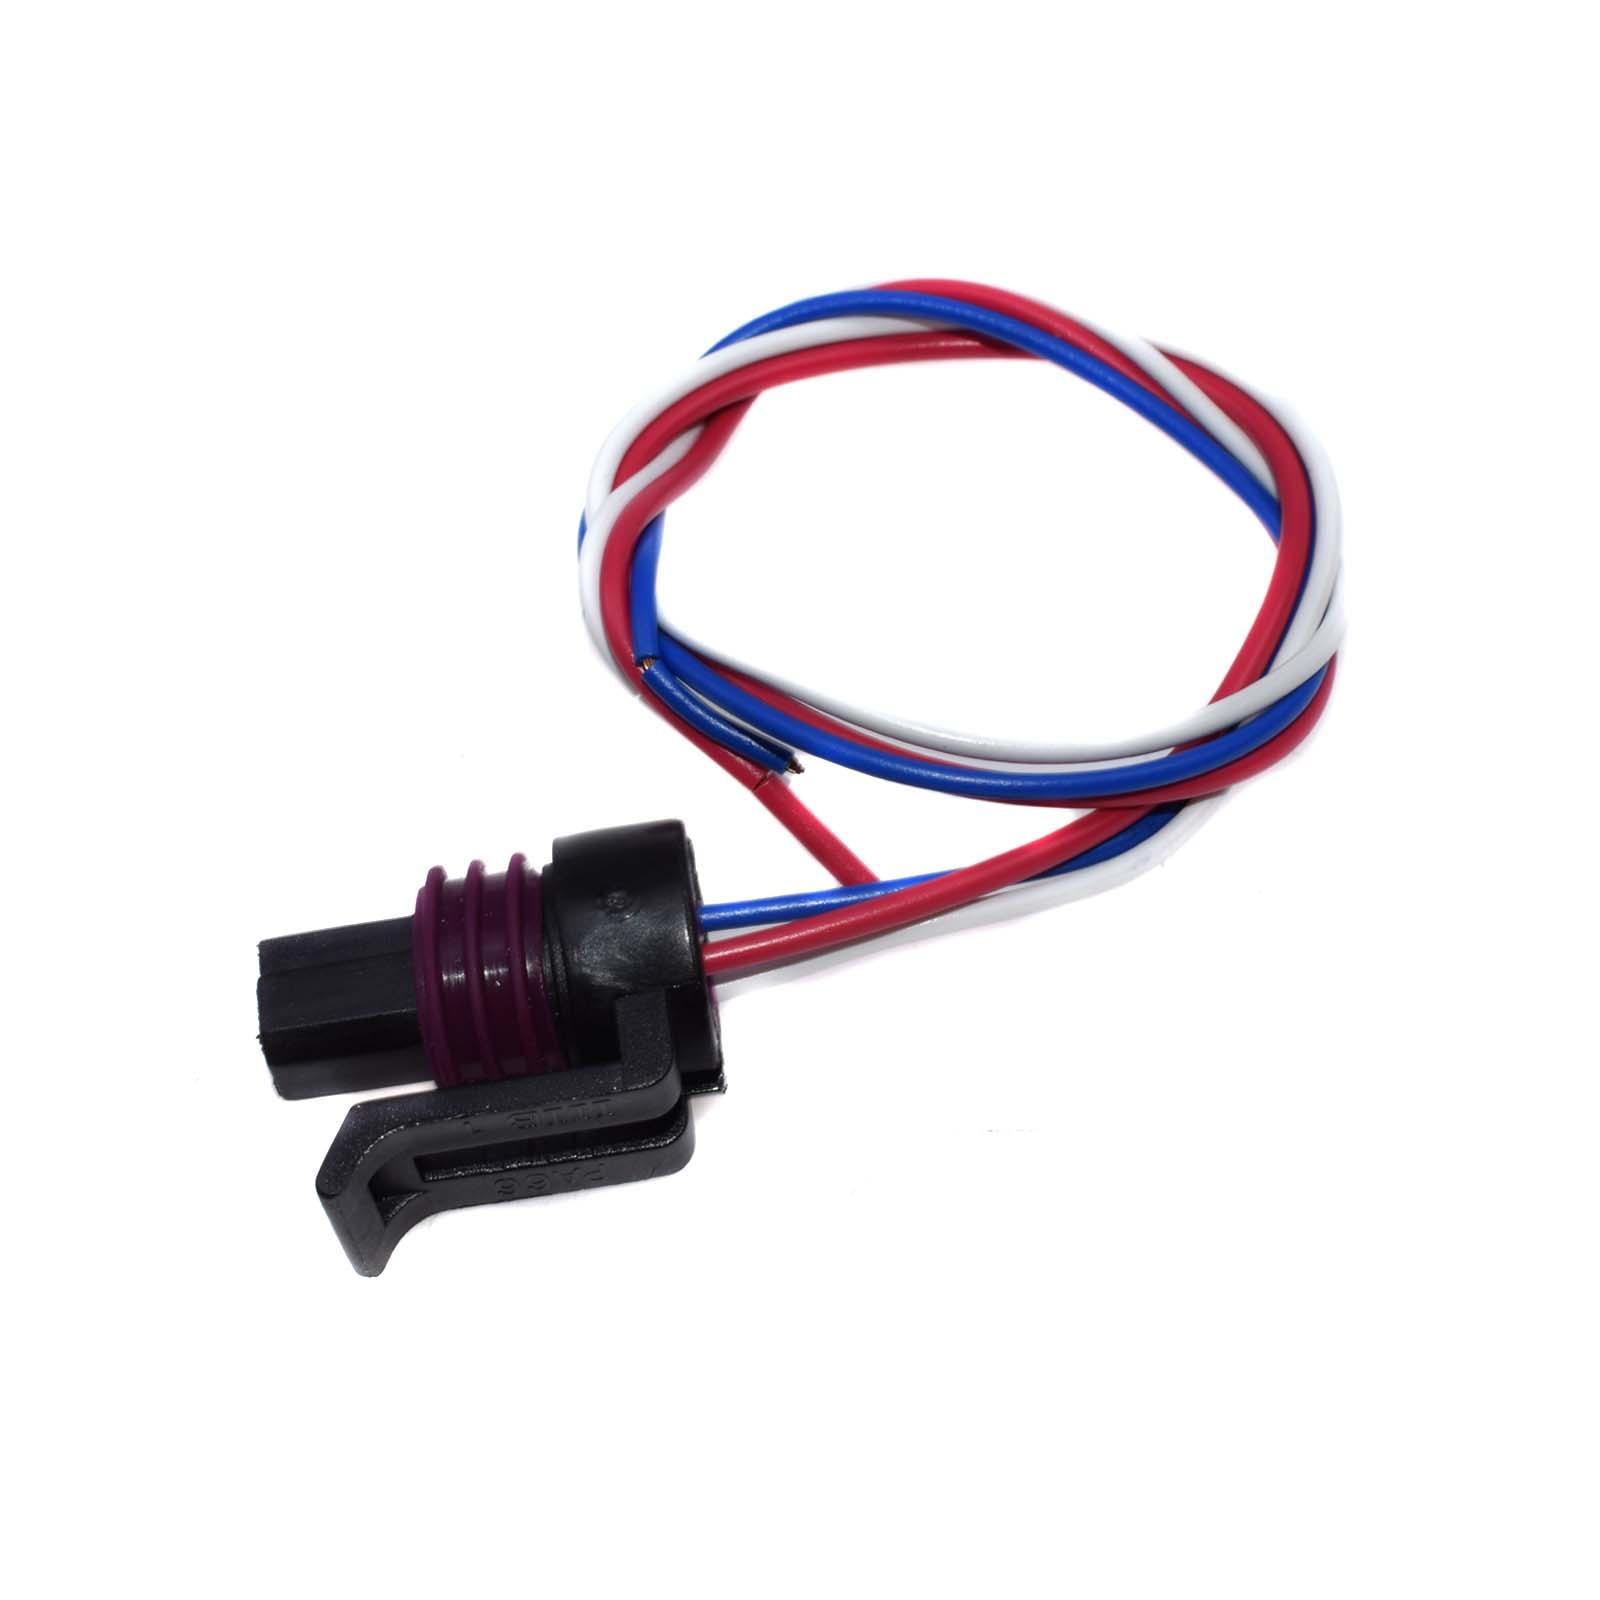 pontiac tps wiring wiring diagram pontiac tps wiring [ 1600 x 1600 Pixel ]